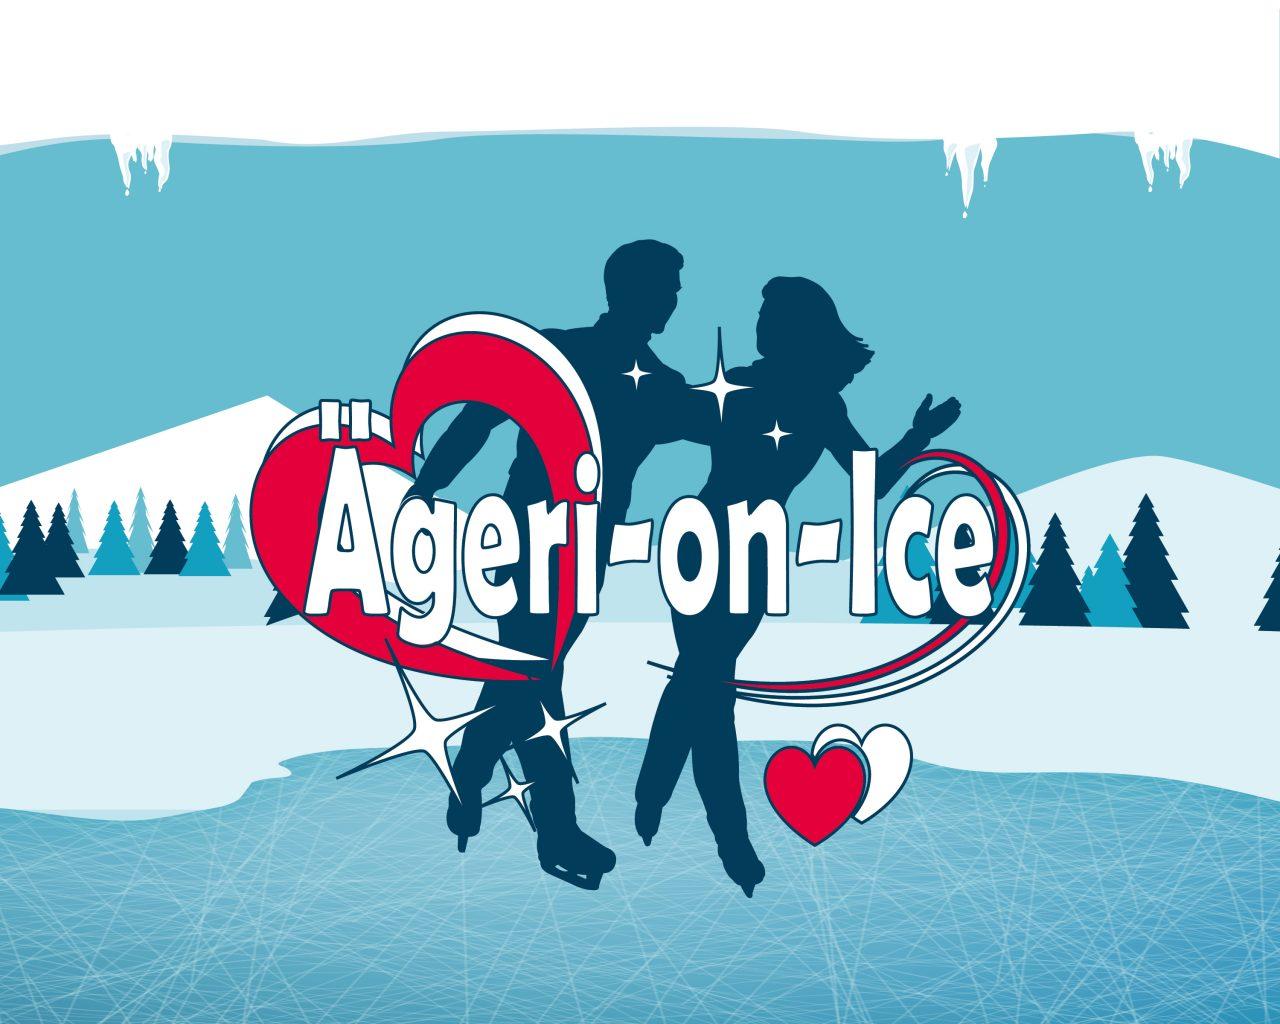 AGENTMEDIA_Aegeri_on_Ice